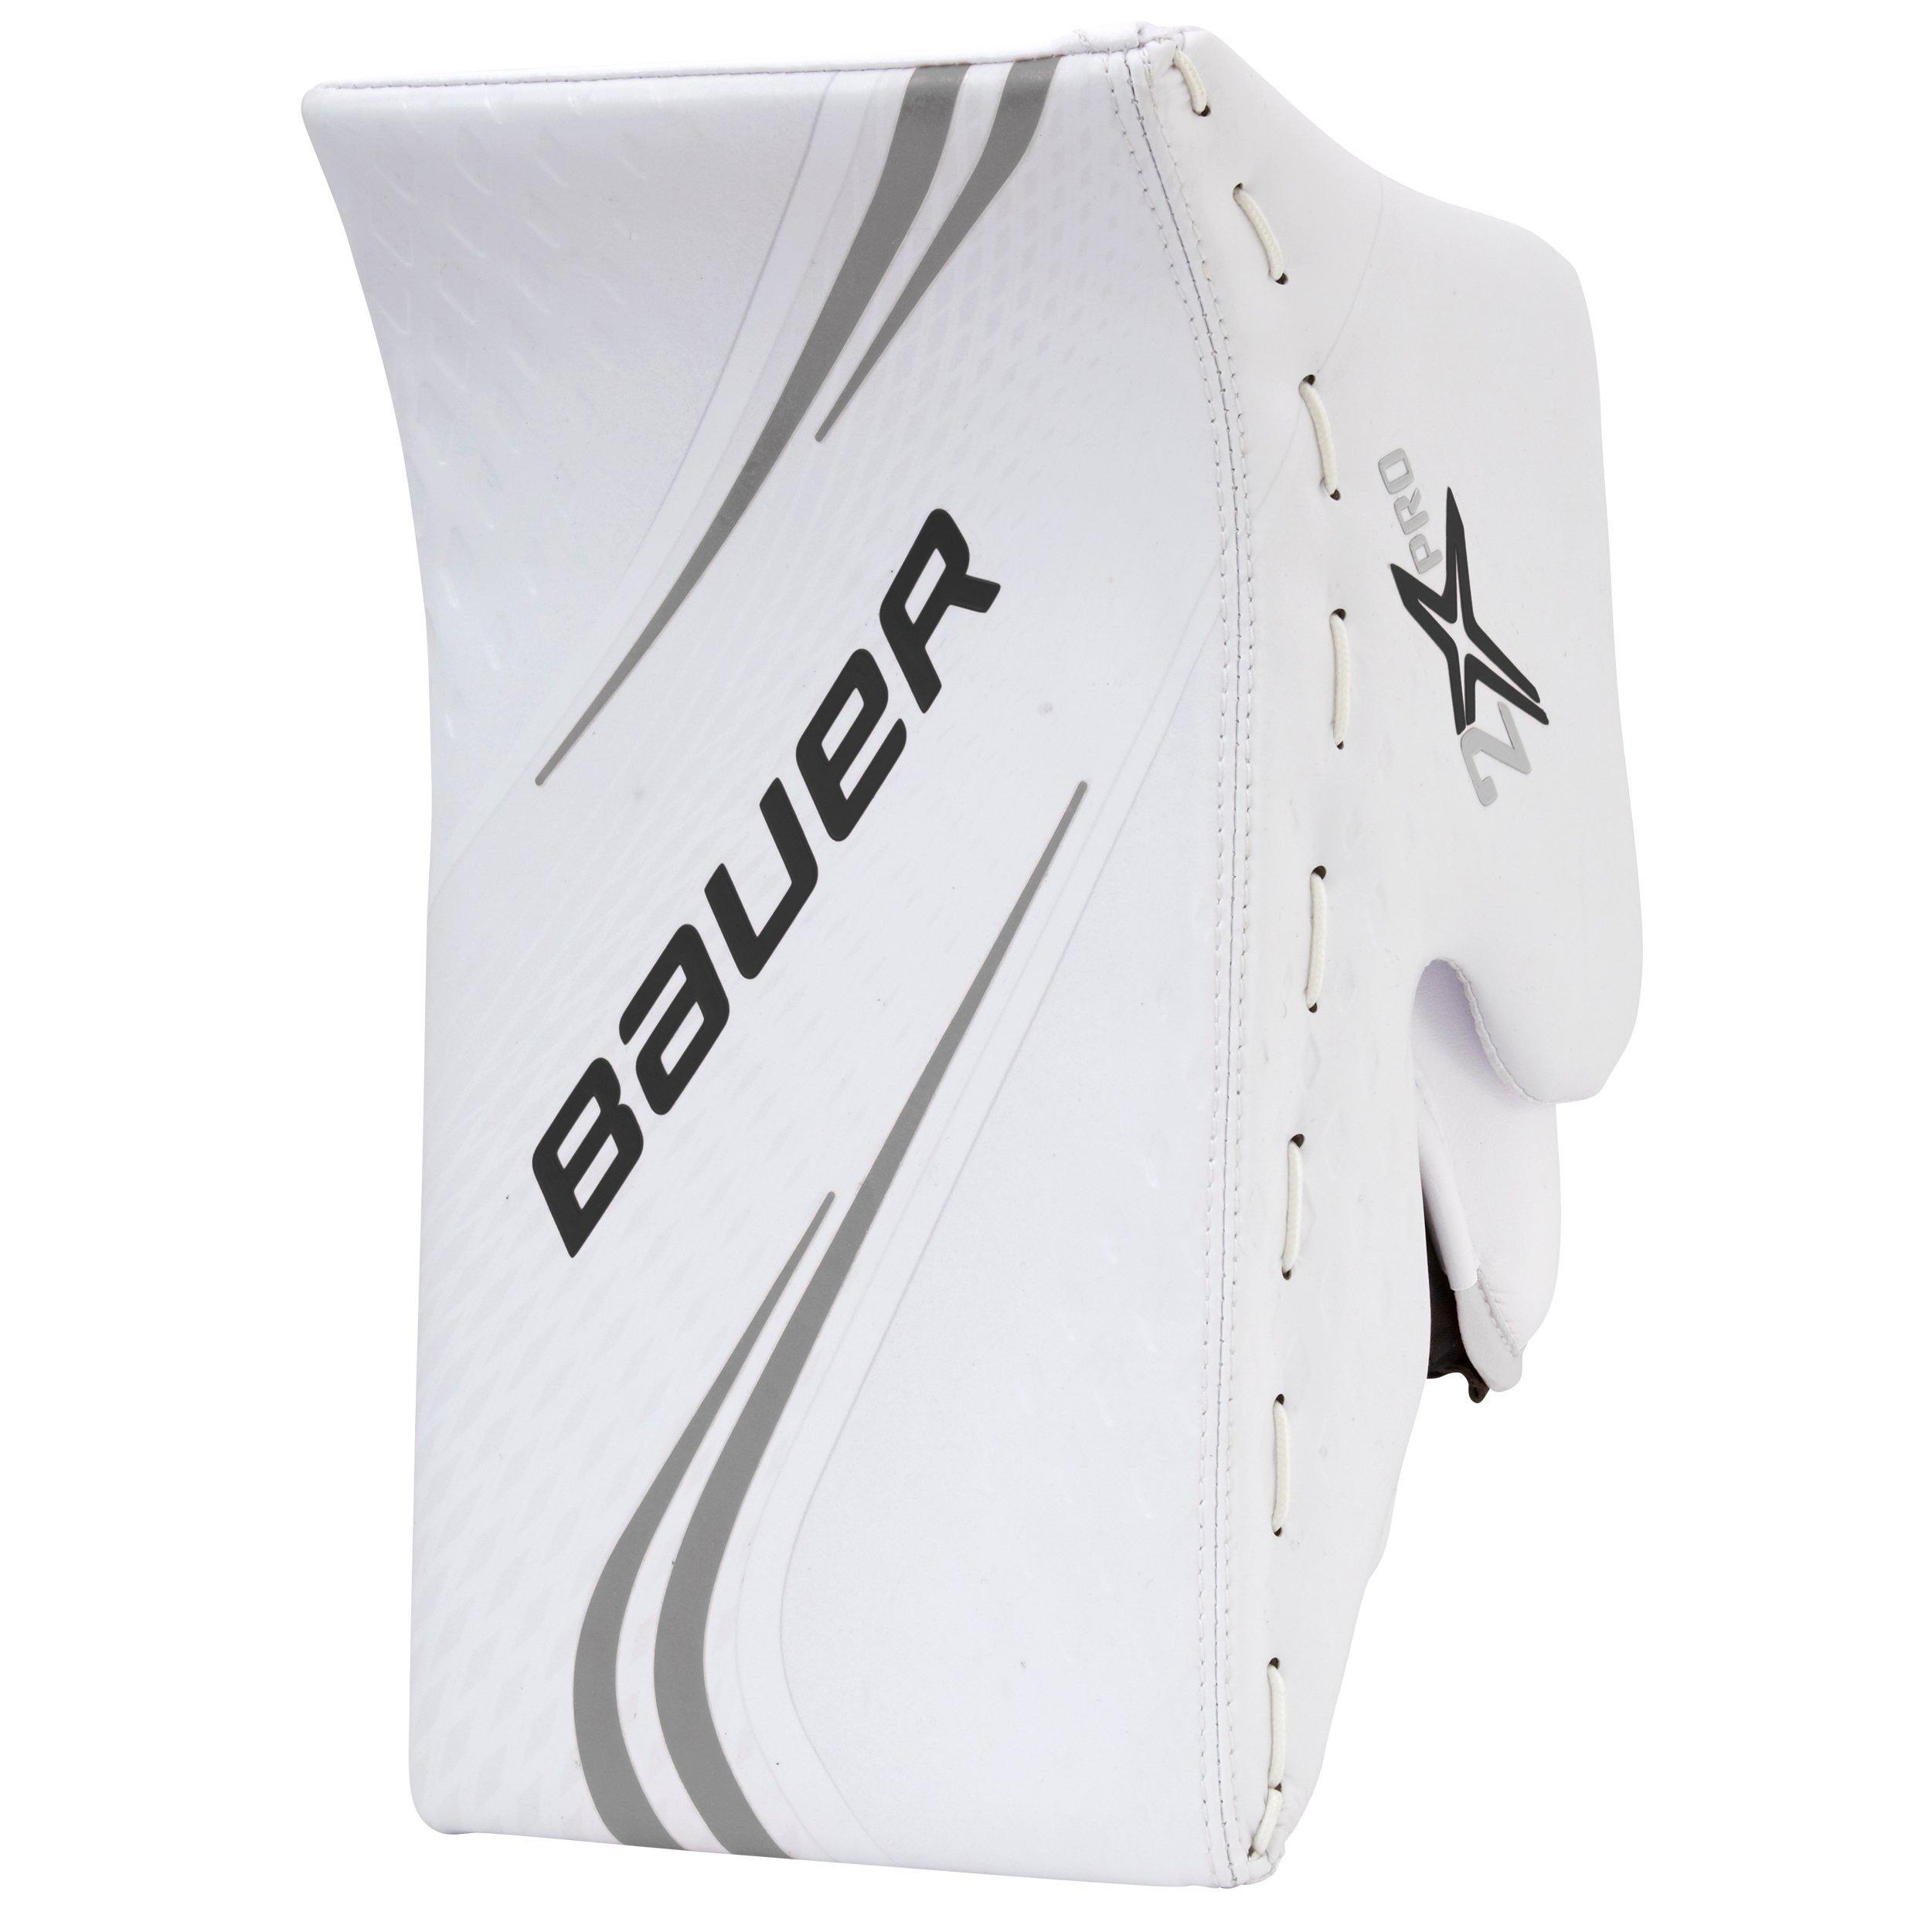 Bauer Vapor 2X Pro Blocker